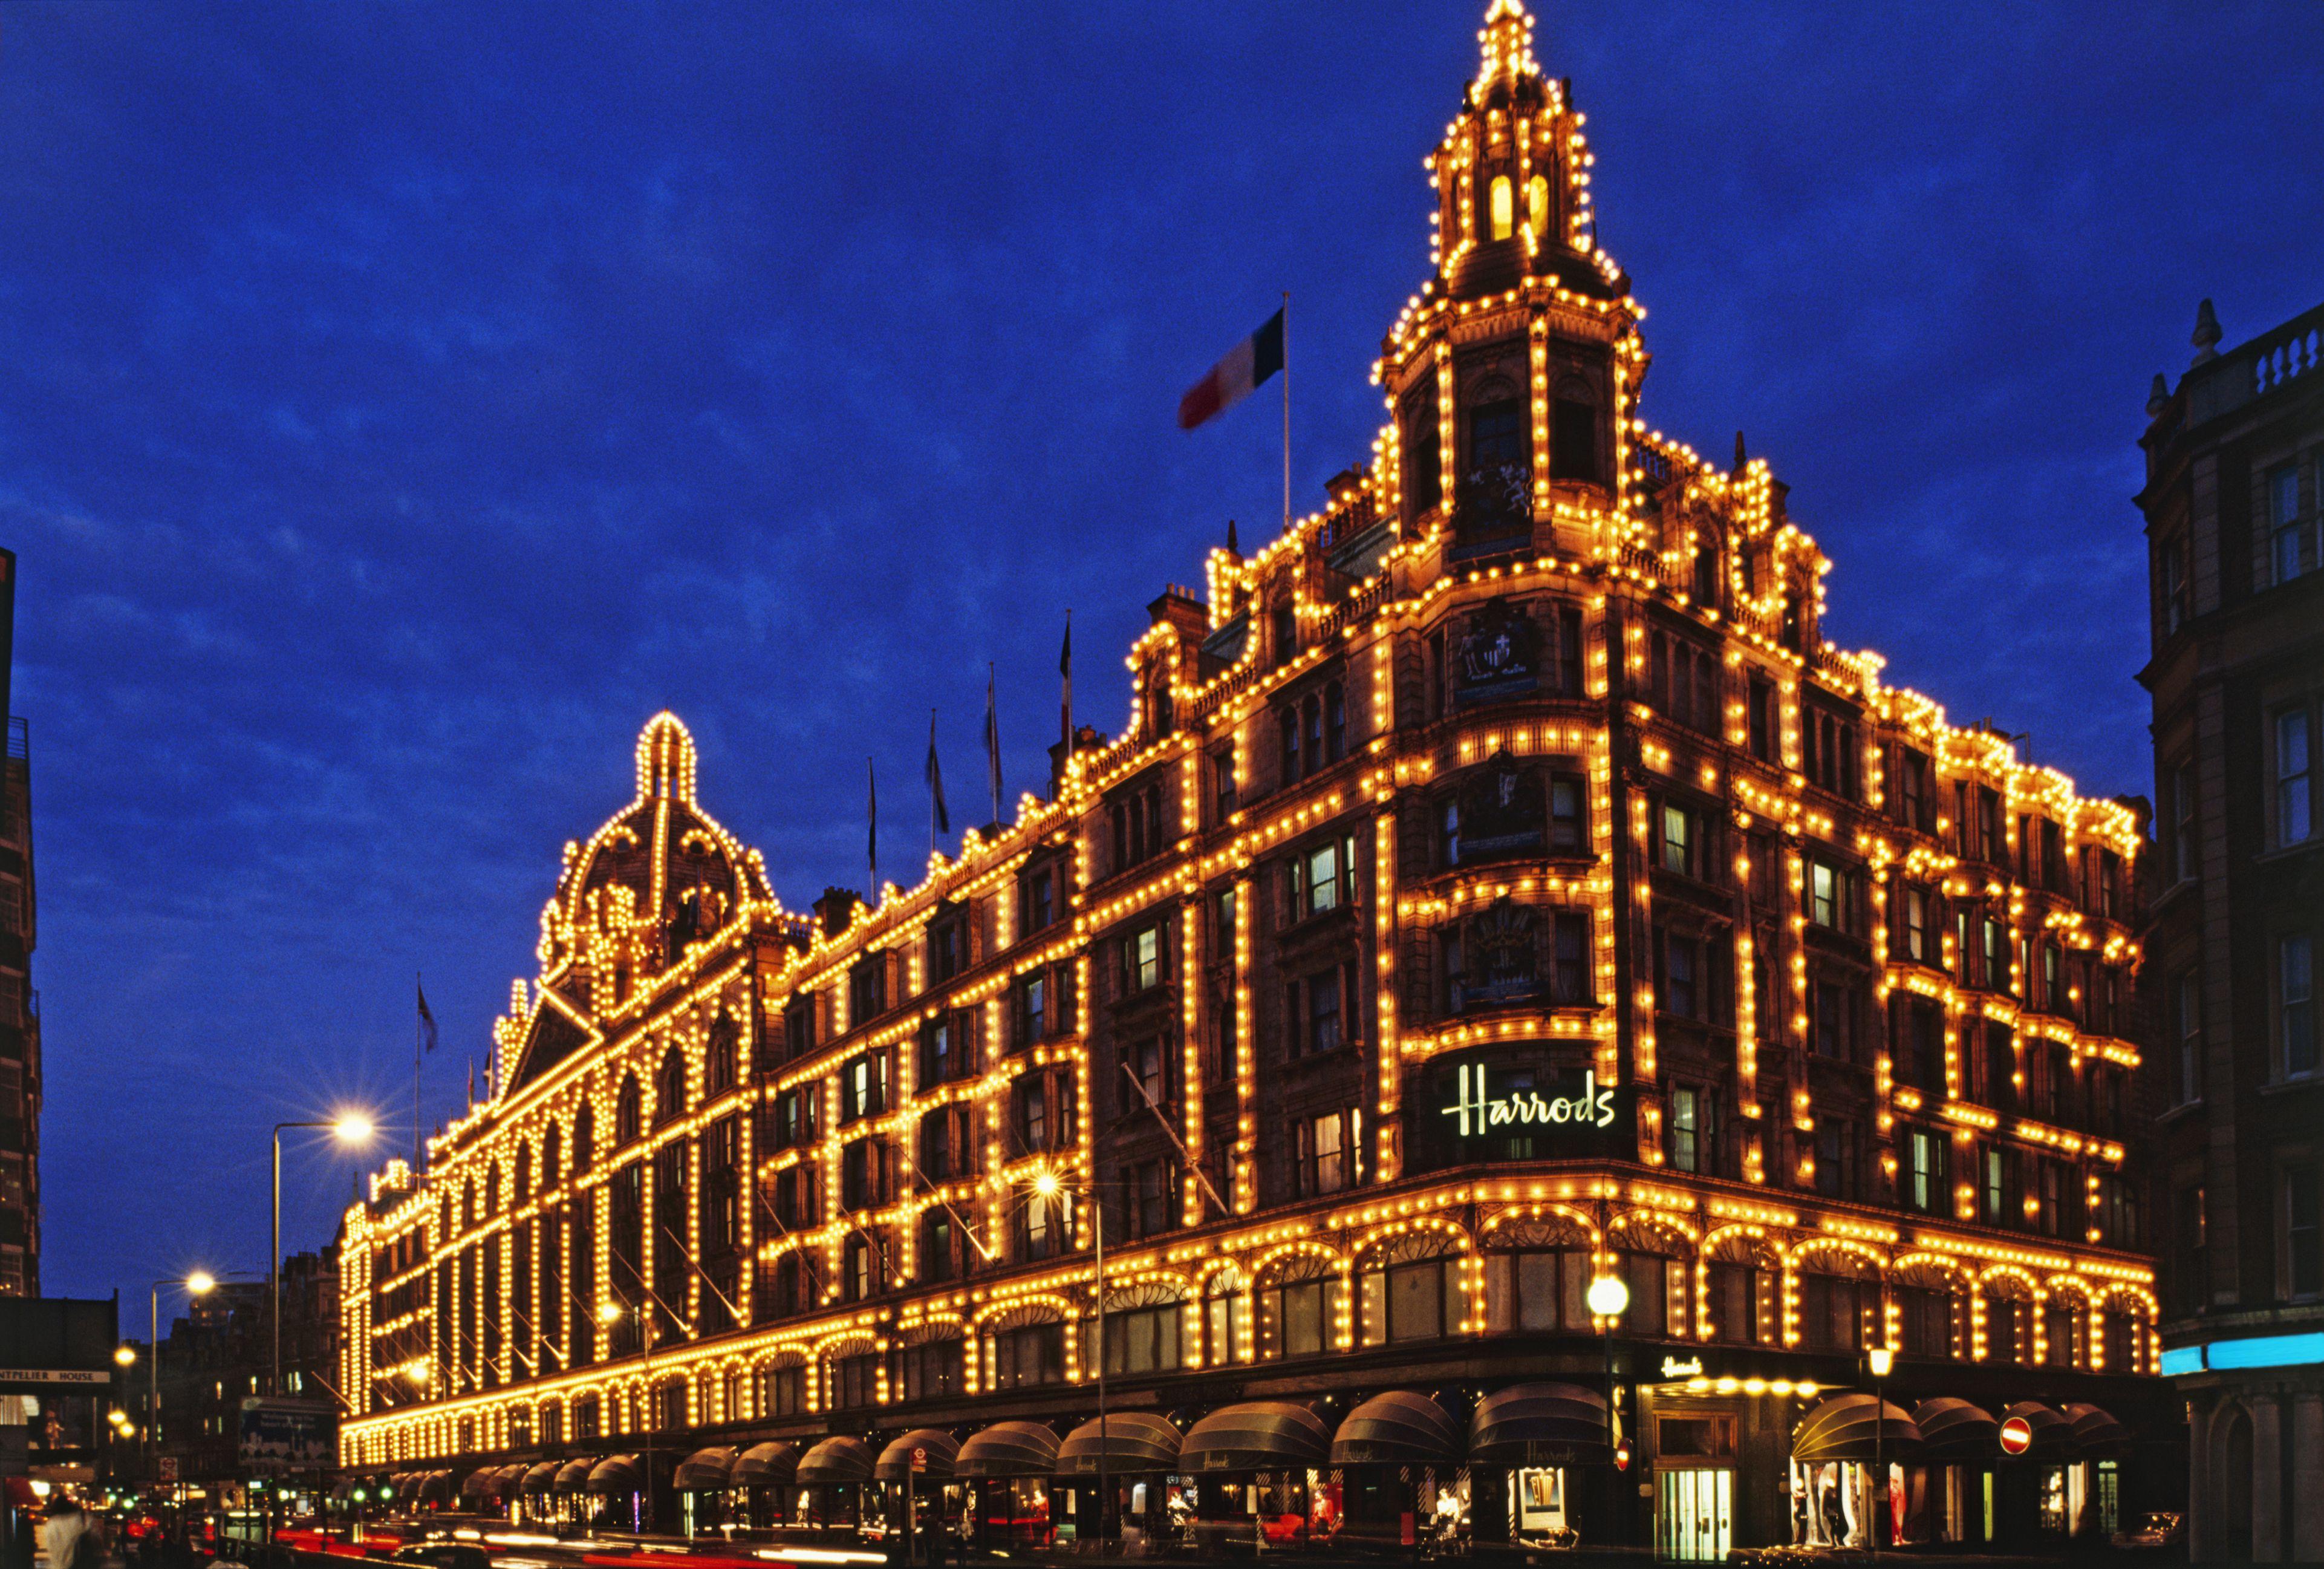 Harrods at night London